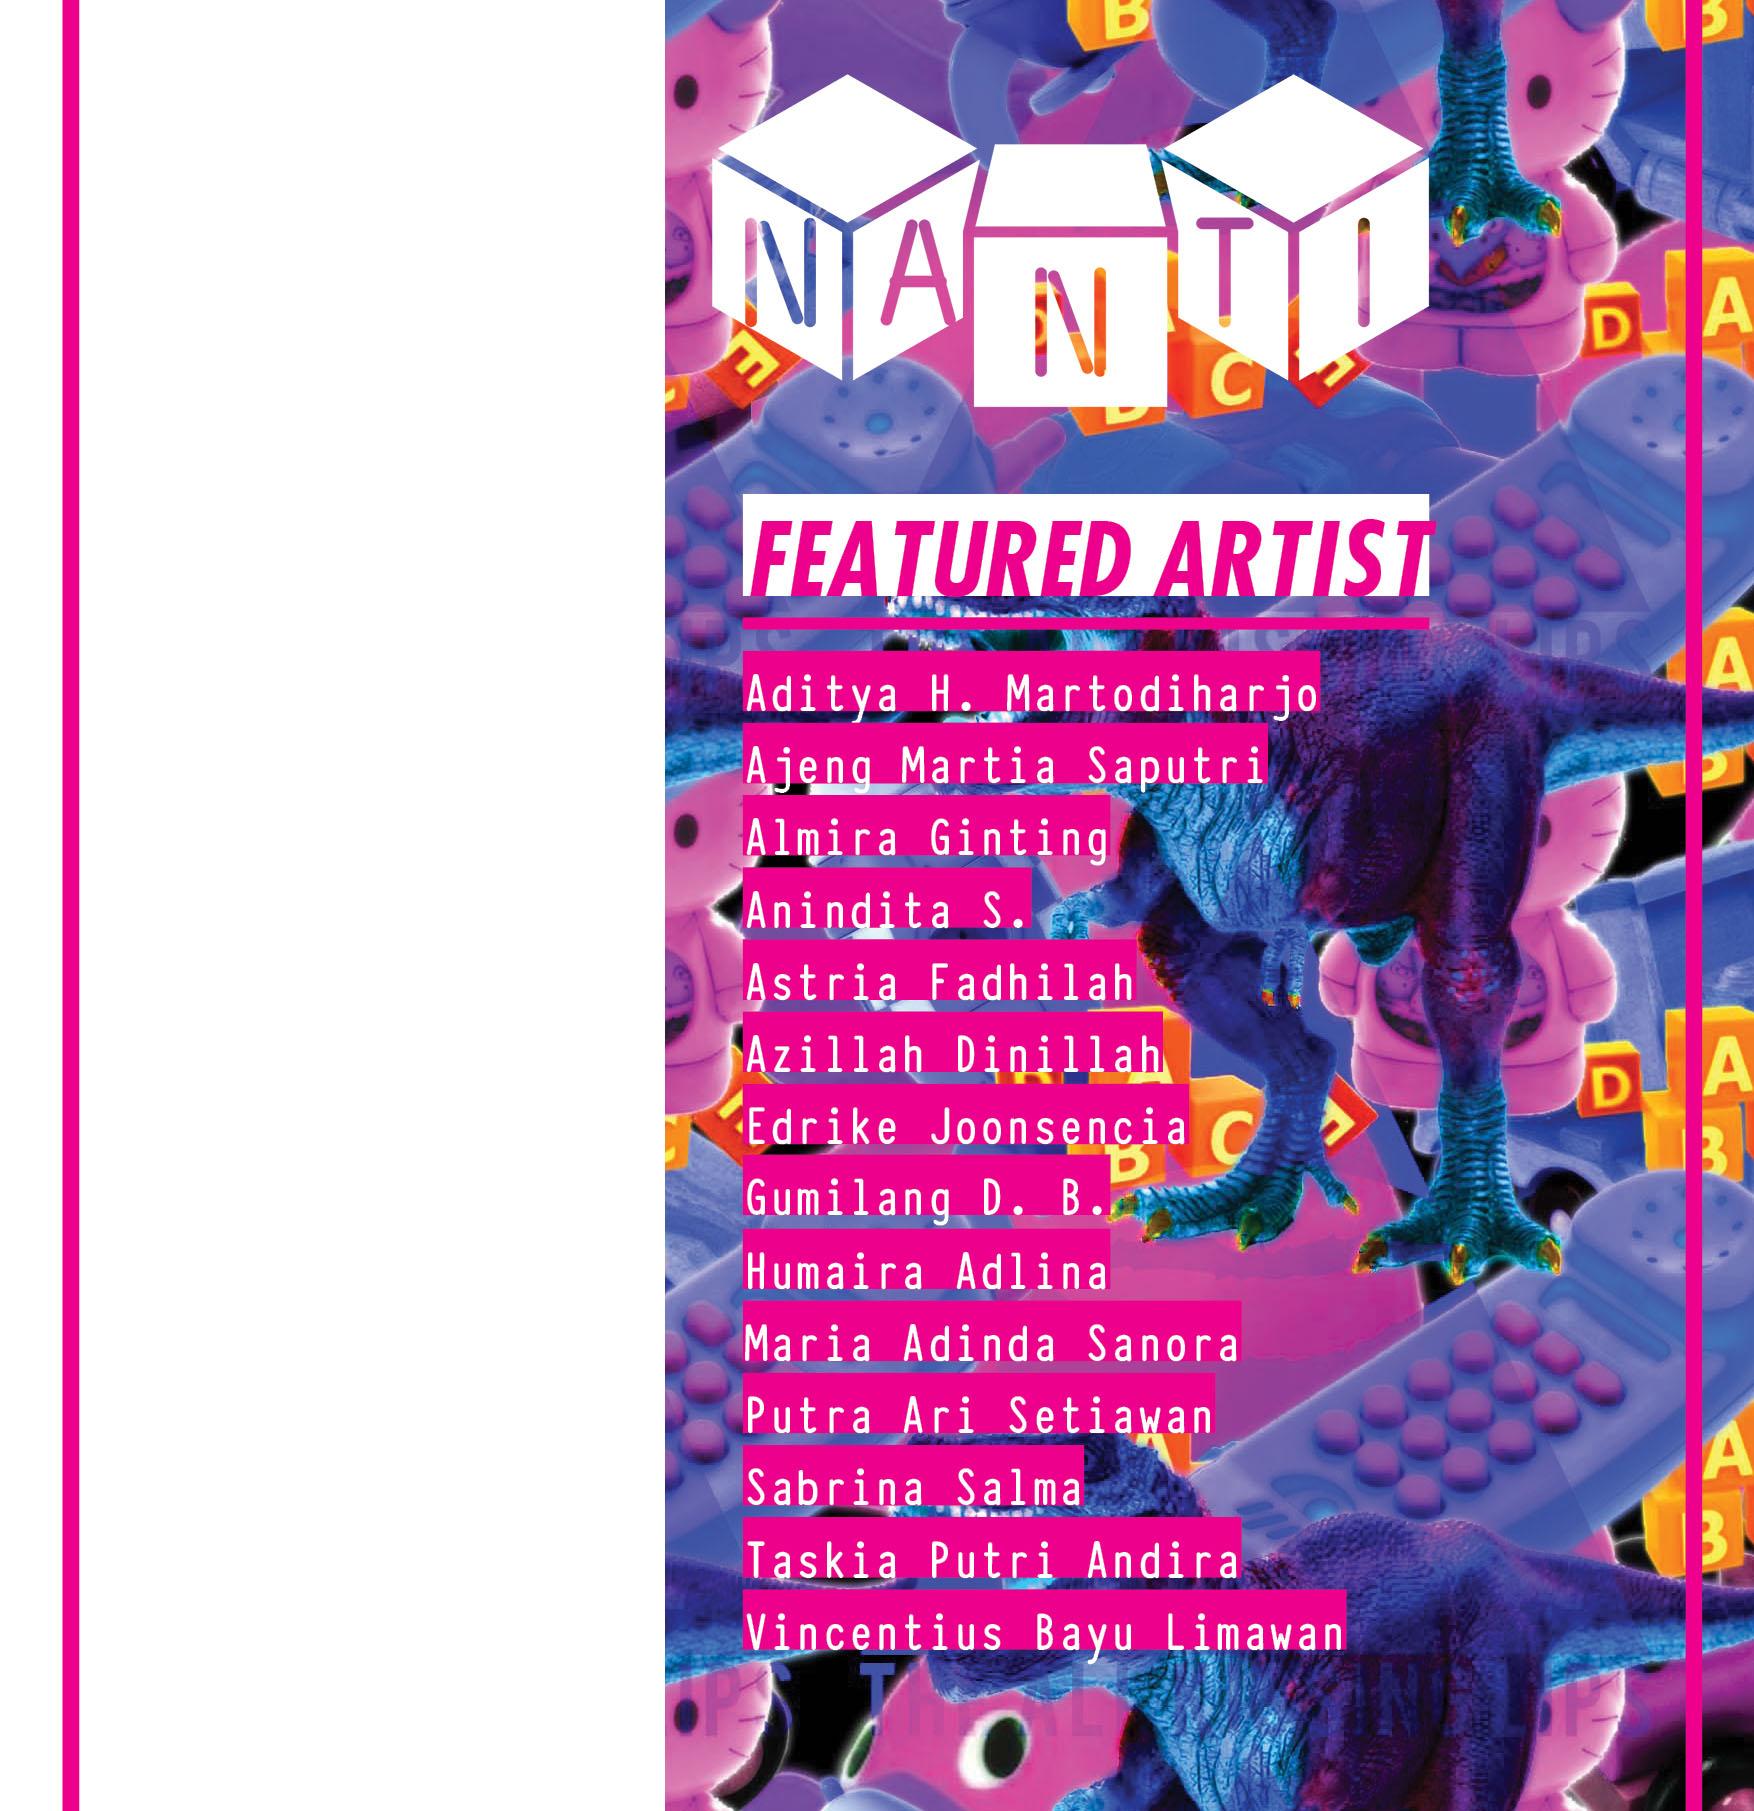 NANTI Art Exhibition